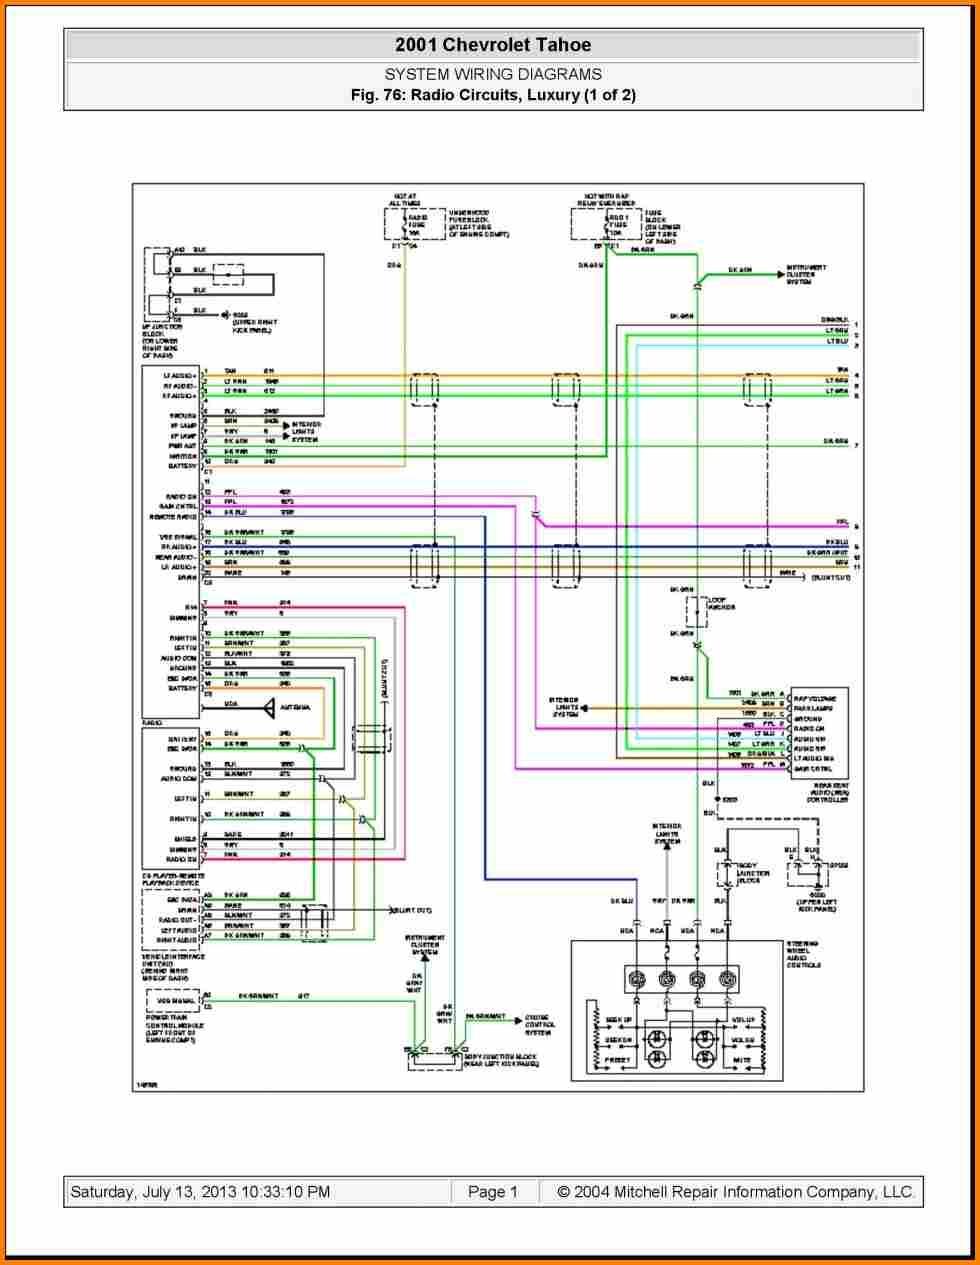 2003 Chevy Silverado Radio Wiring Diagram - Wiring Diagrams ... on